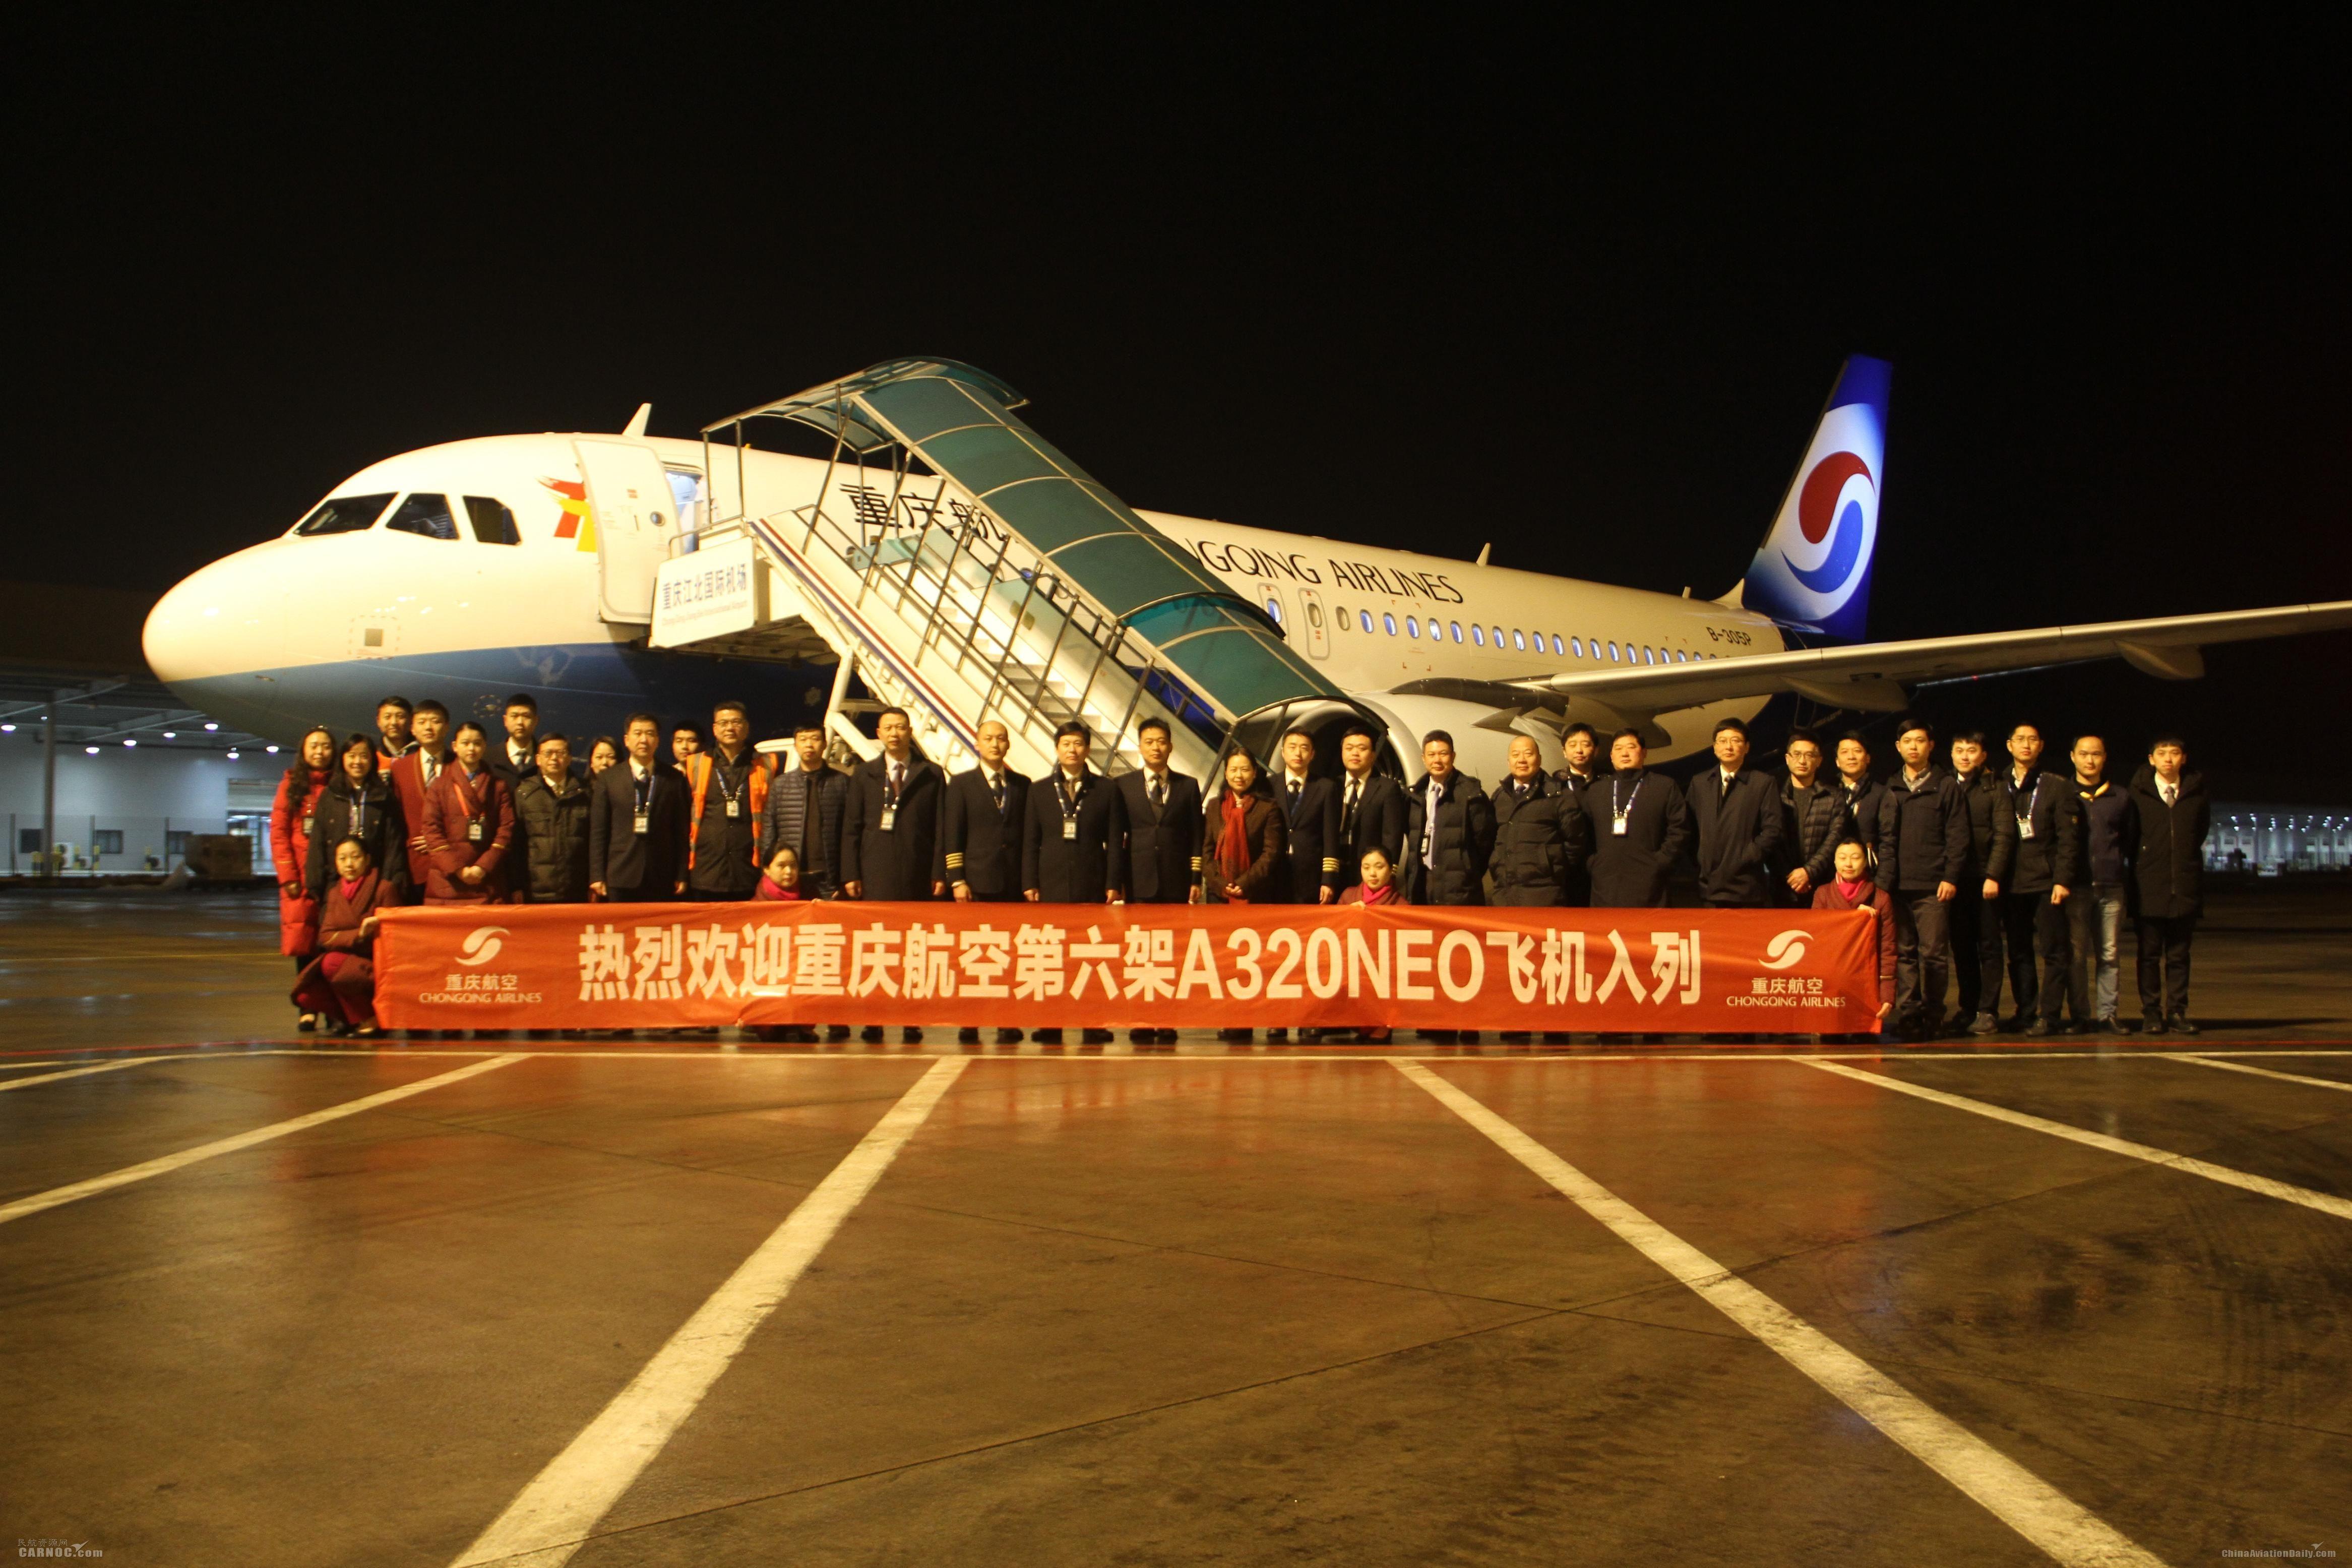 重慶航空第6架A320neo入列 助力春運航班運行